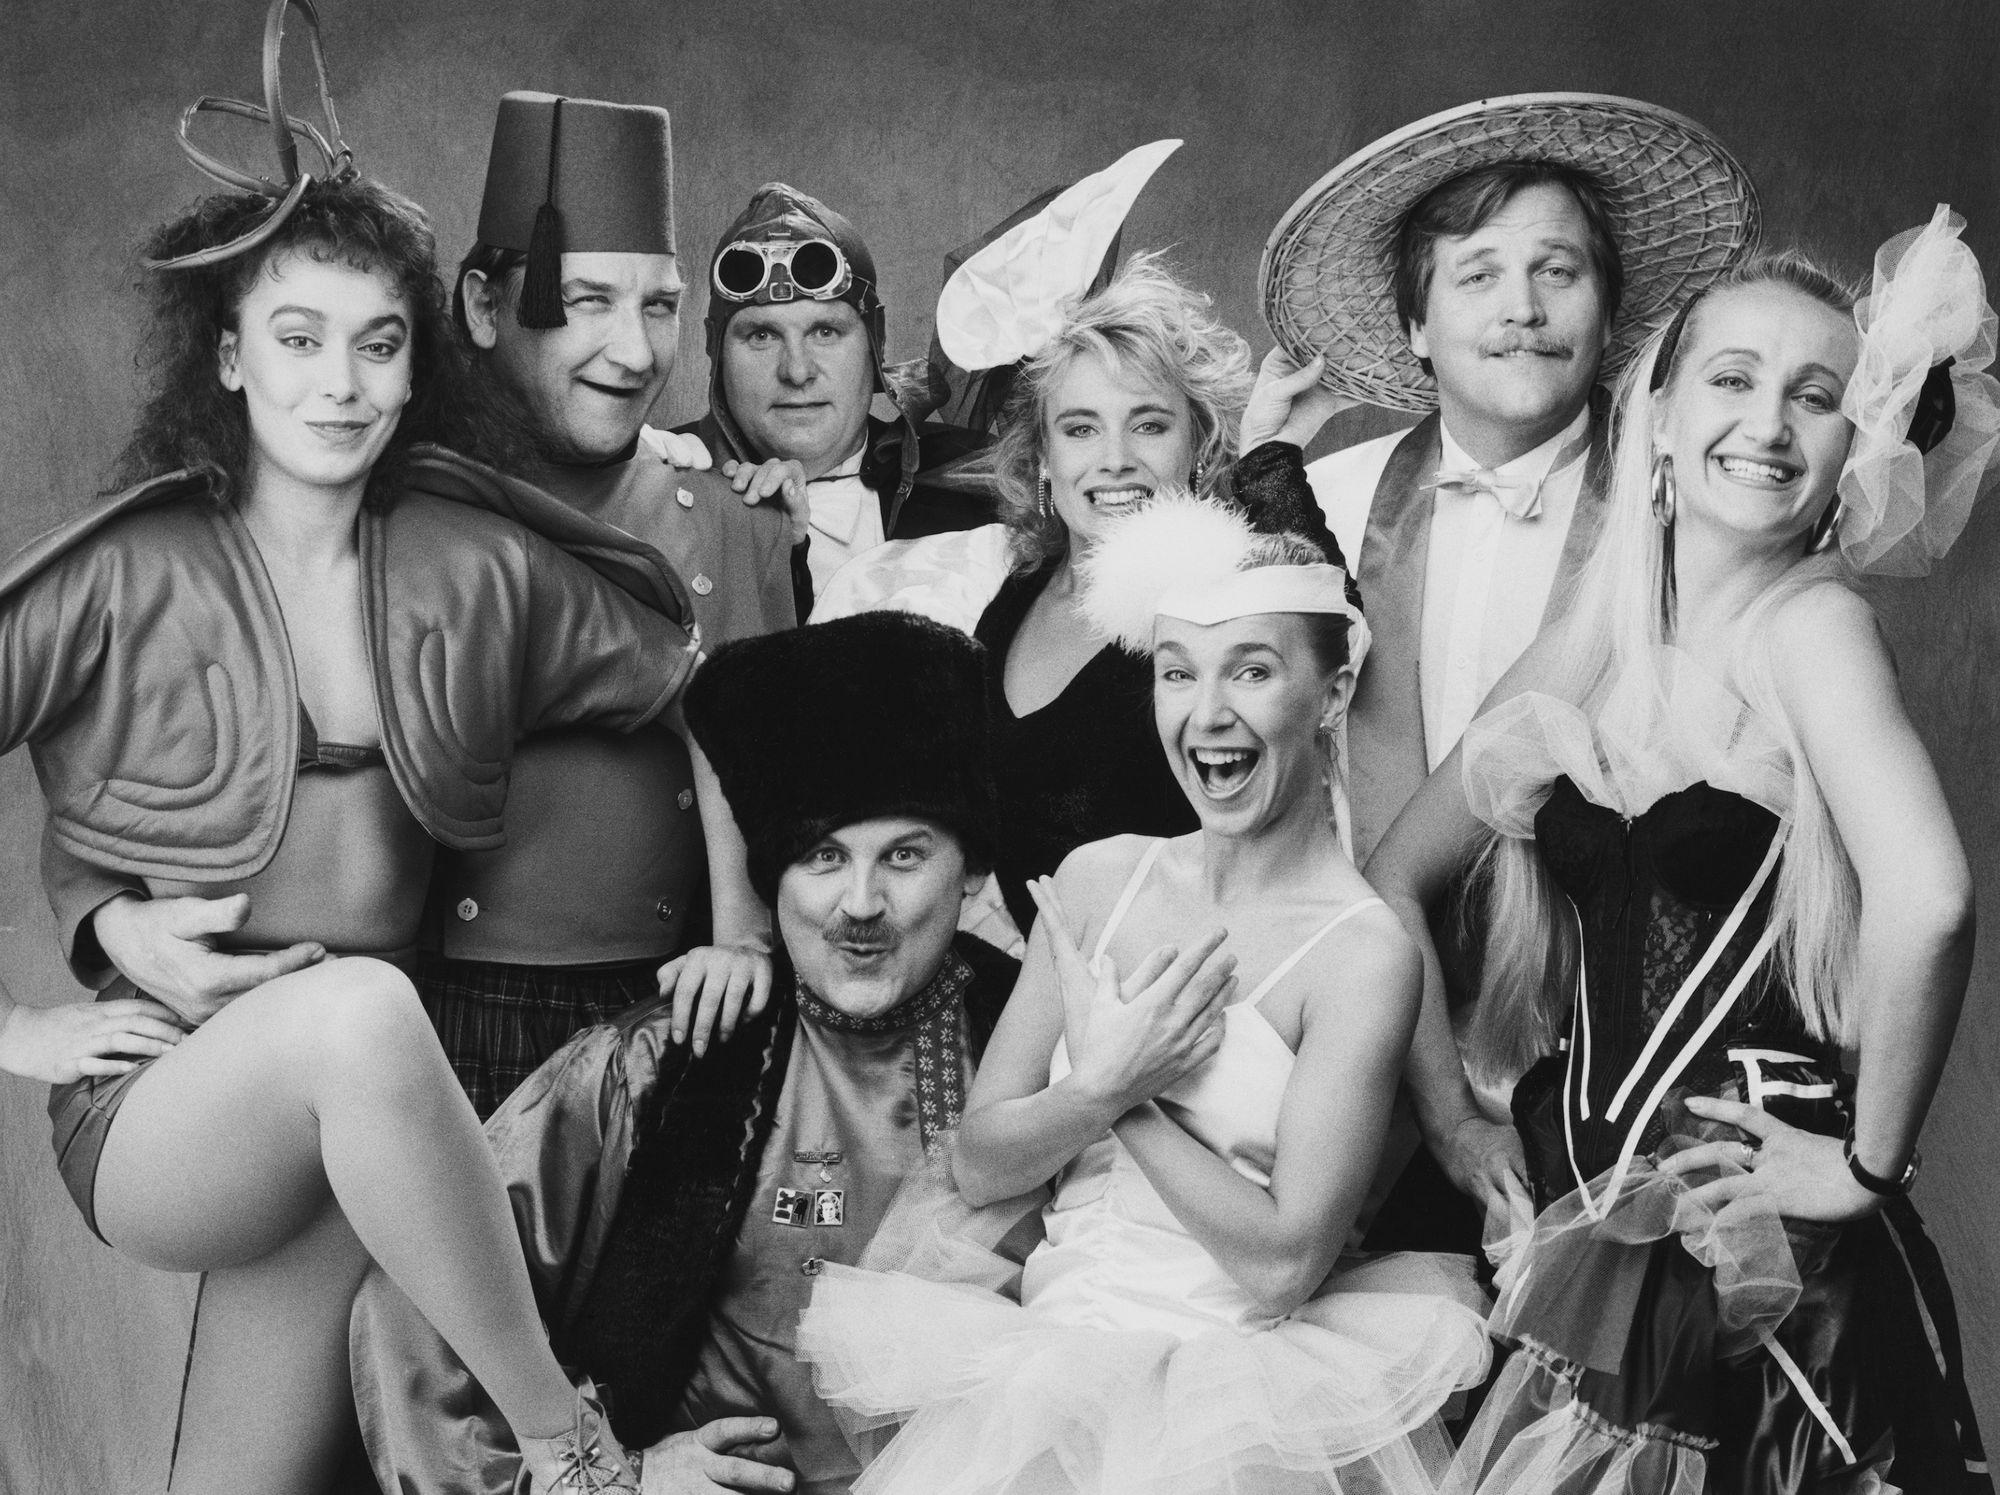 Kivikasvot-musiikkiohjelma naulitsi suomalaiset televisioiden ääreen 1969–1970-lukujen taitteessa. Ohjelmasta tehtiin uusintaversioita vielä 1980- ja 1990-luvuilla. © Erik Uddström/Skoy